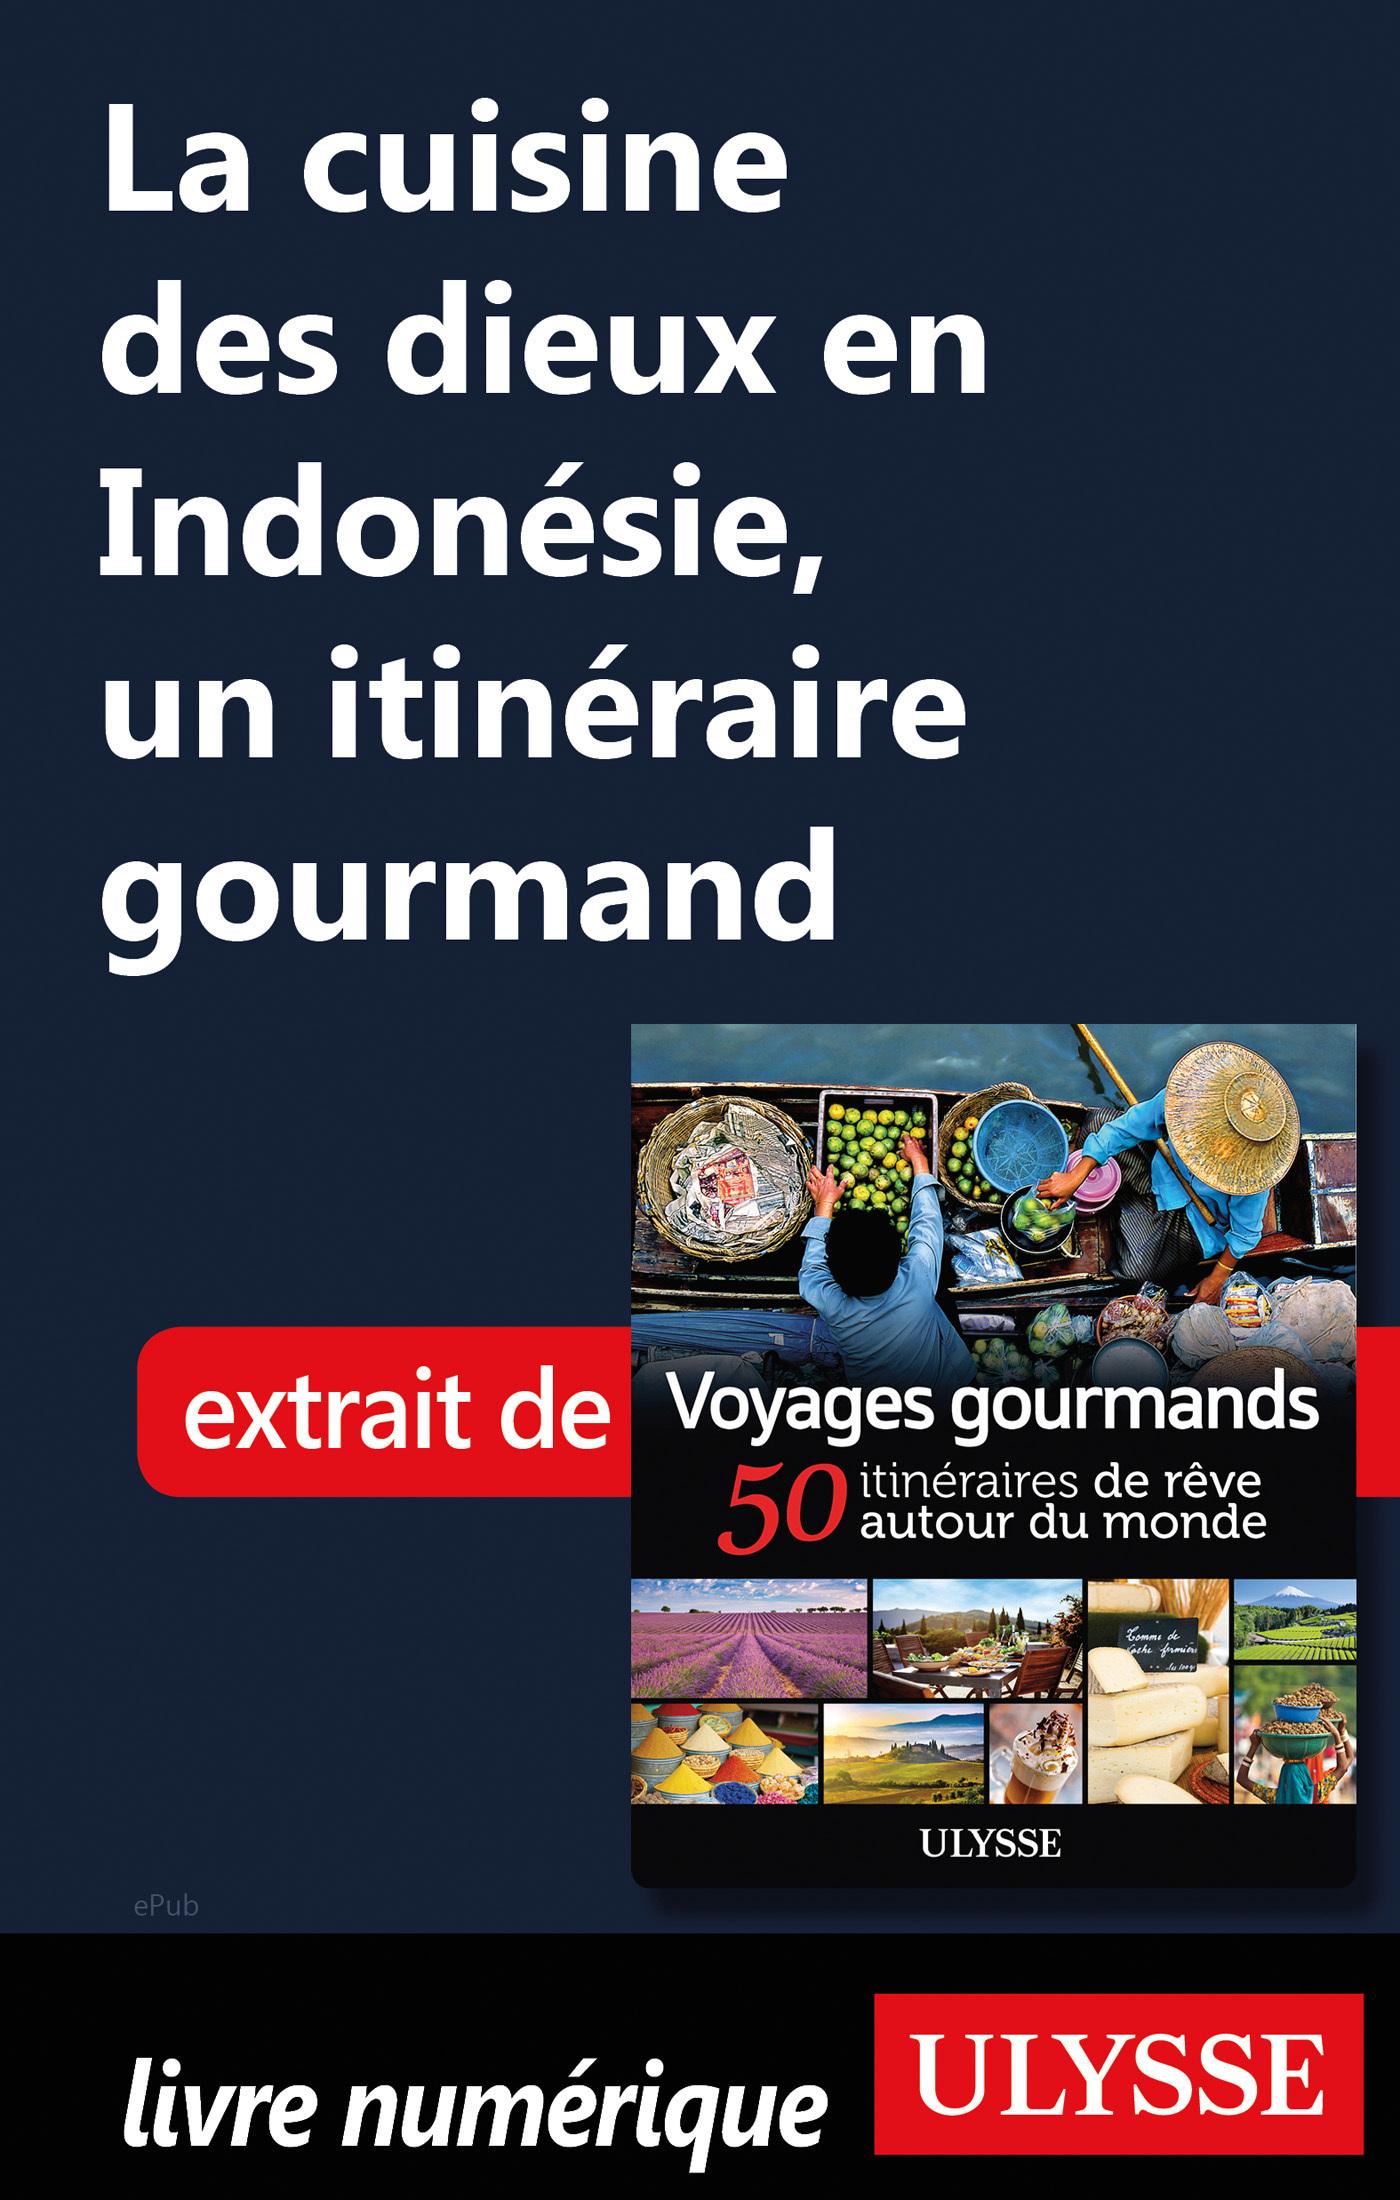 La cuisine des dieux en Indonésie - Un itinéraire gourmand